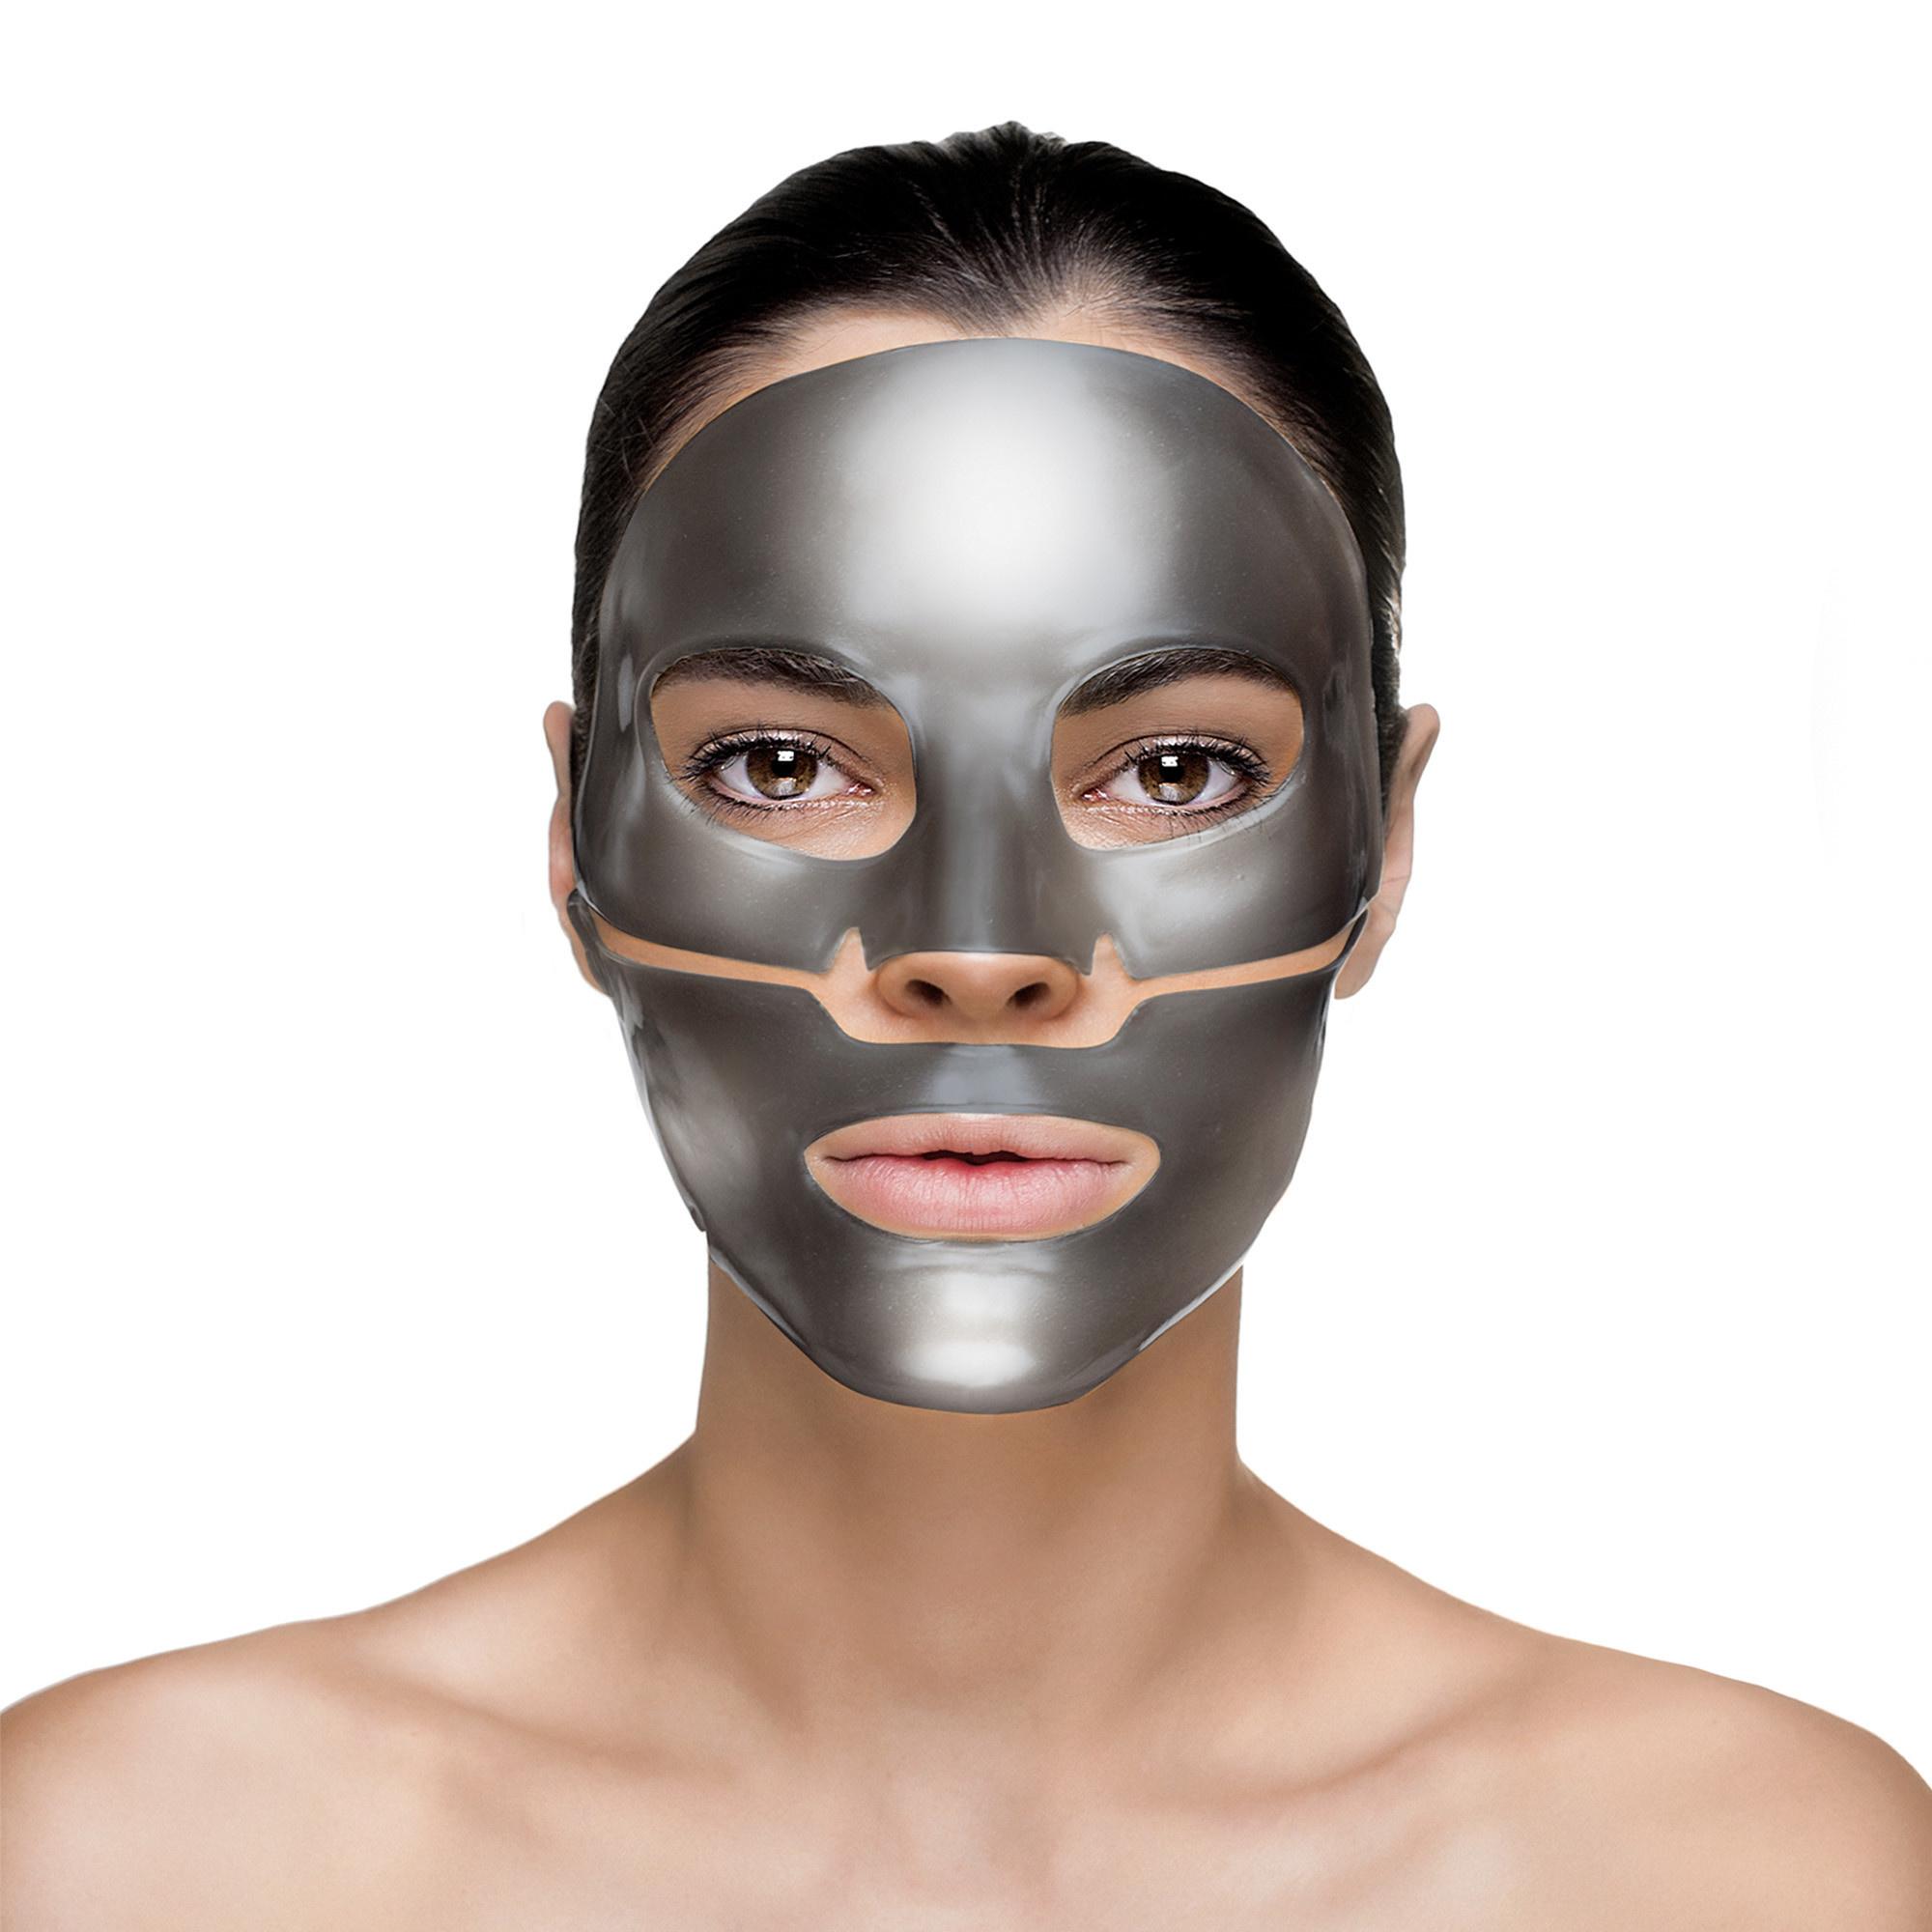 Knesko KNESKO SKIN: Masque Visage Détox à la Perle Noir/Black Pearl Detox